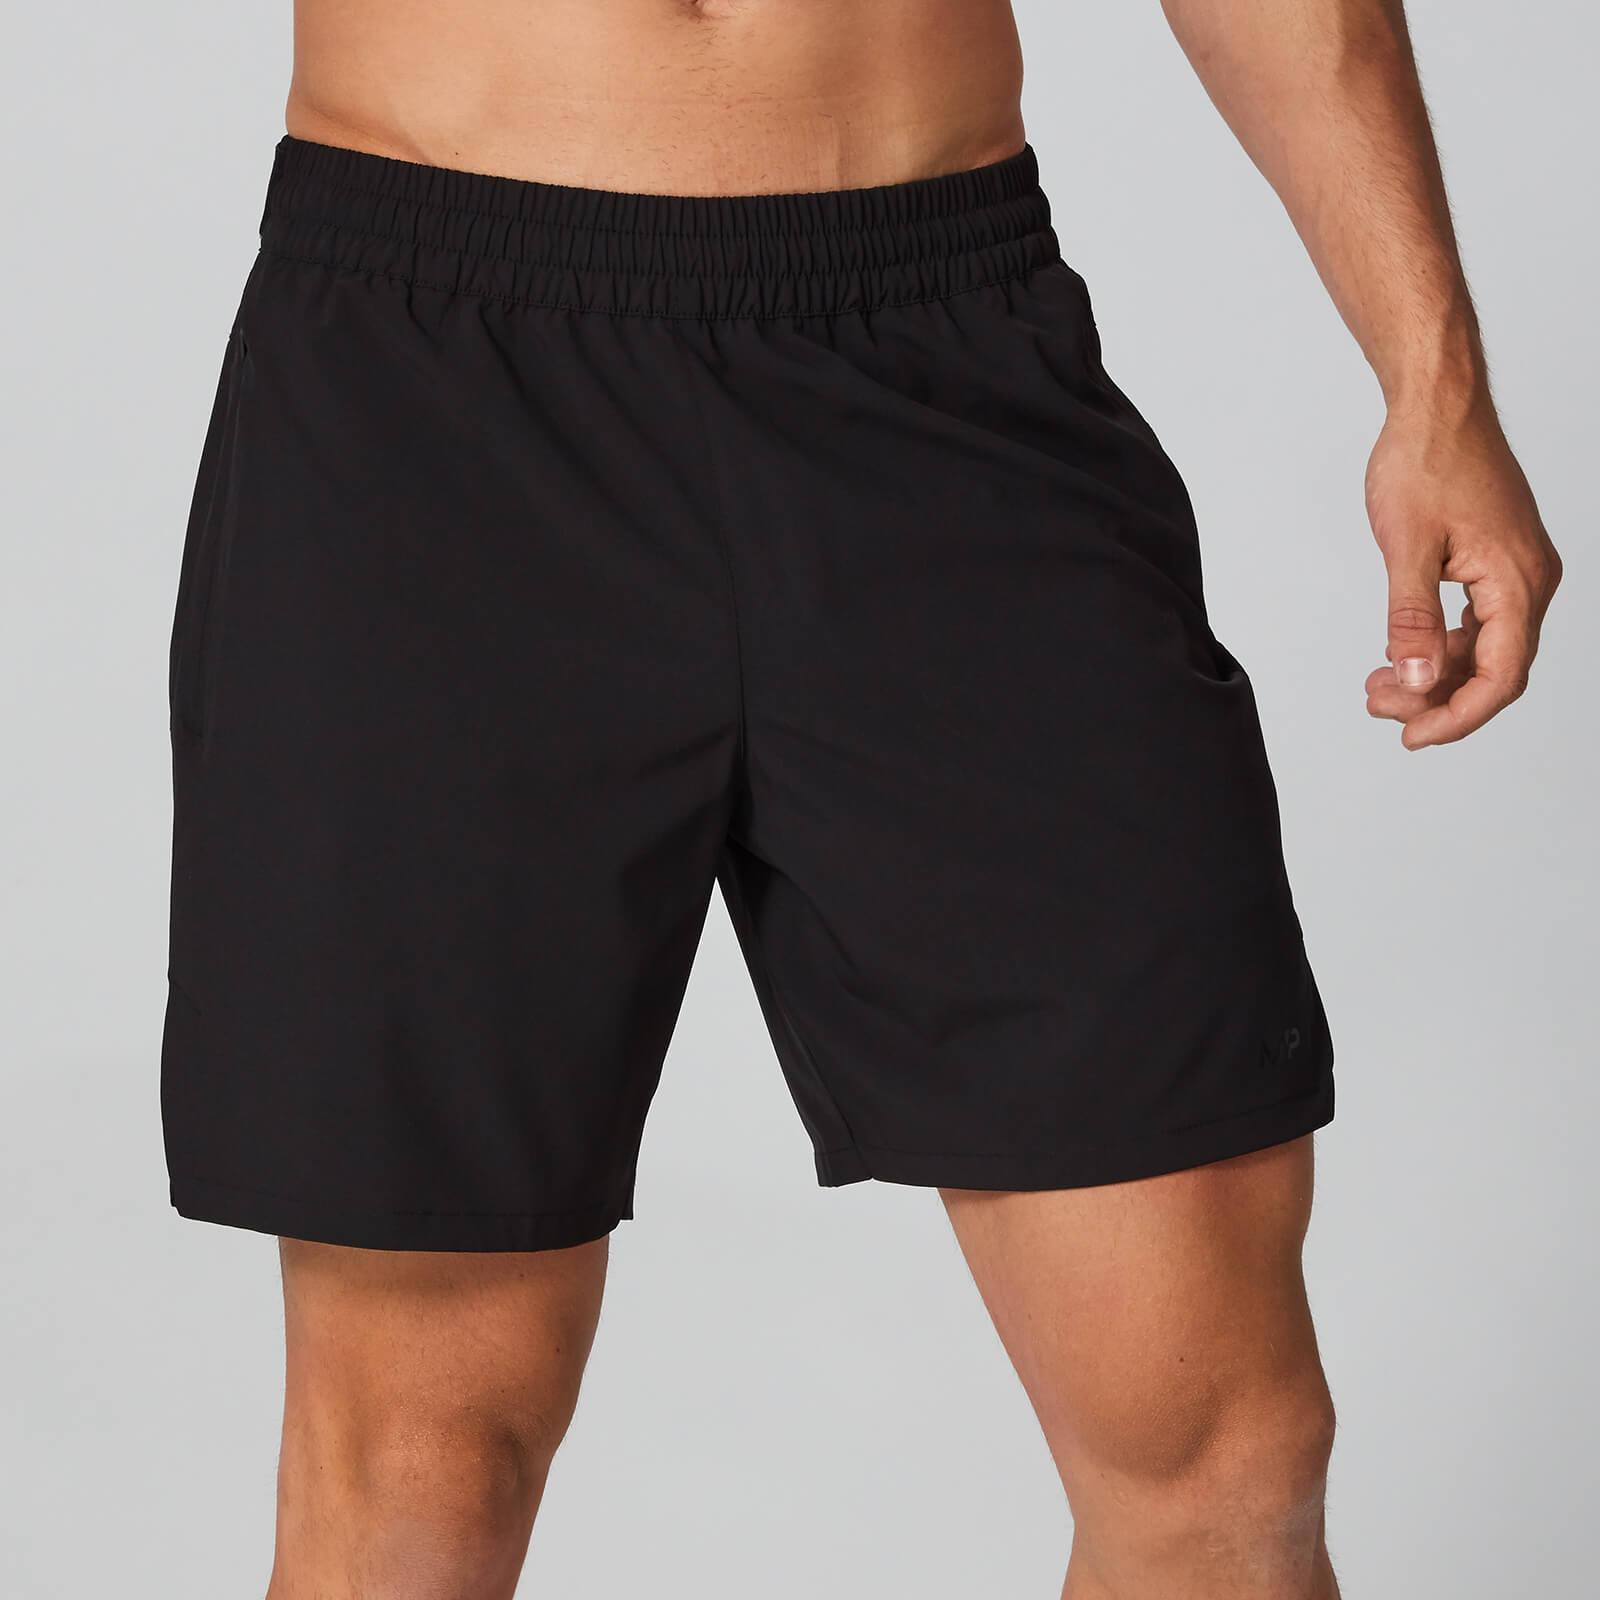 Myprotein MP Sprint 7 inch Shorts - Black - XXL